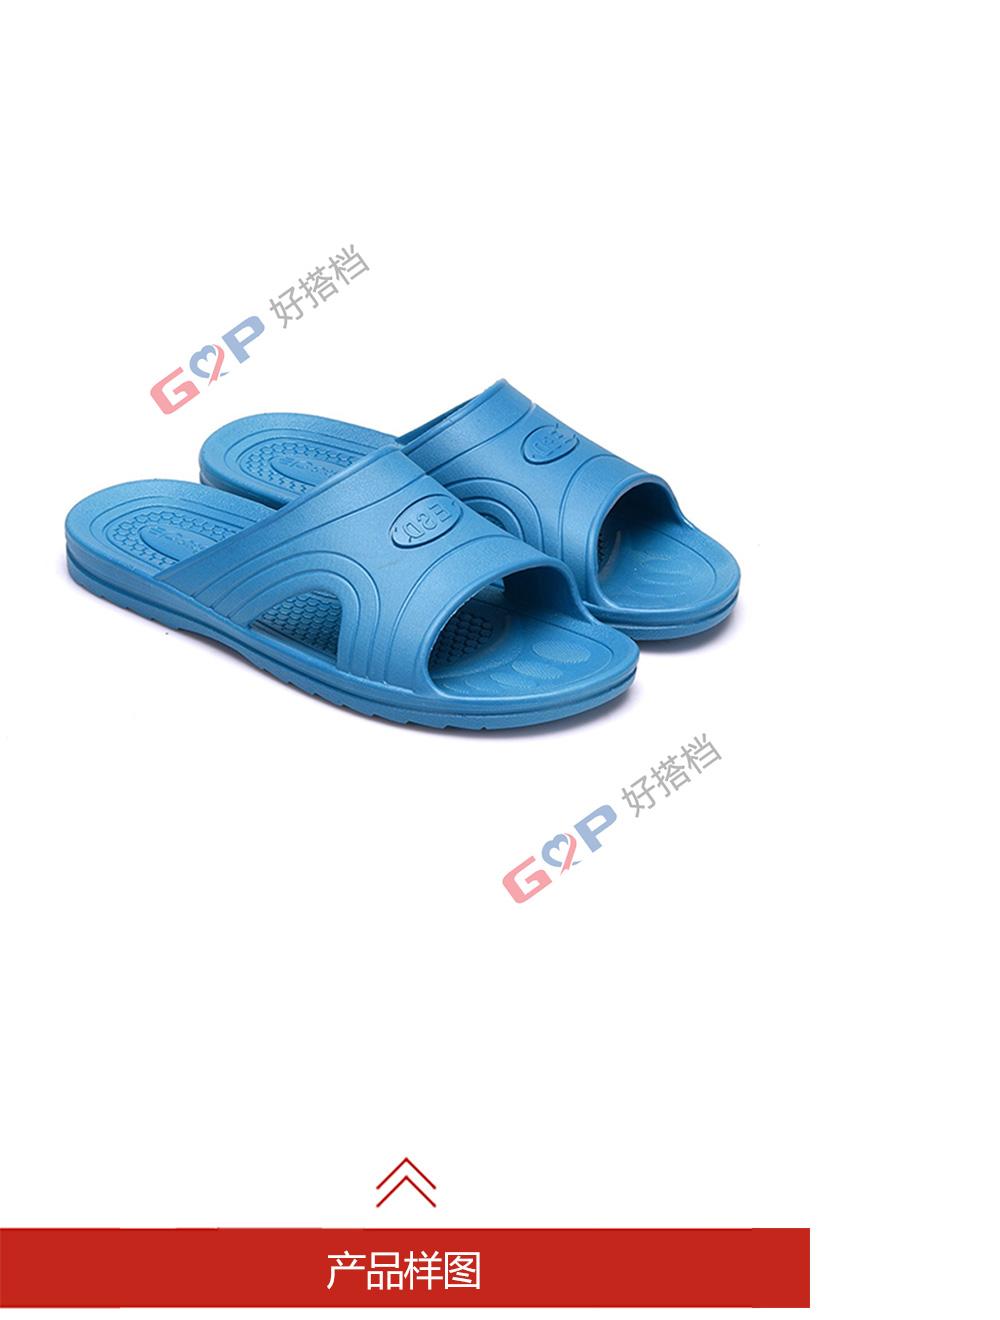 3-101防静电拖鞋